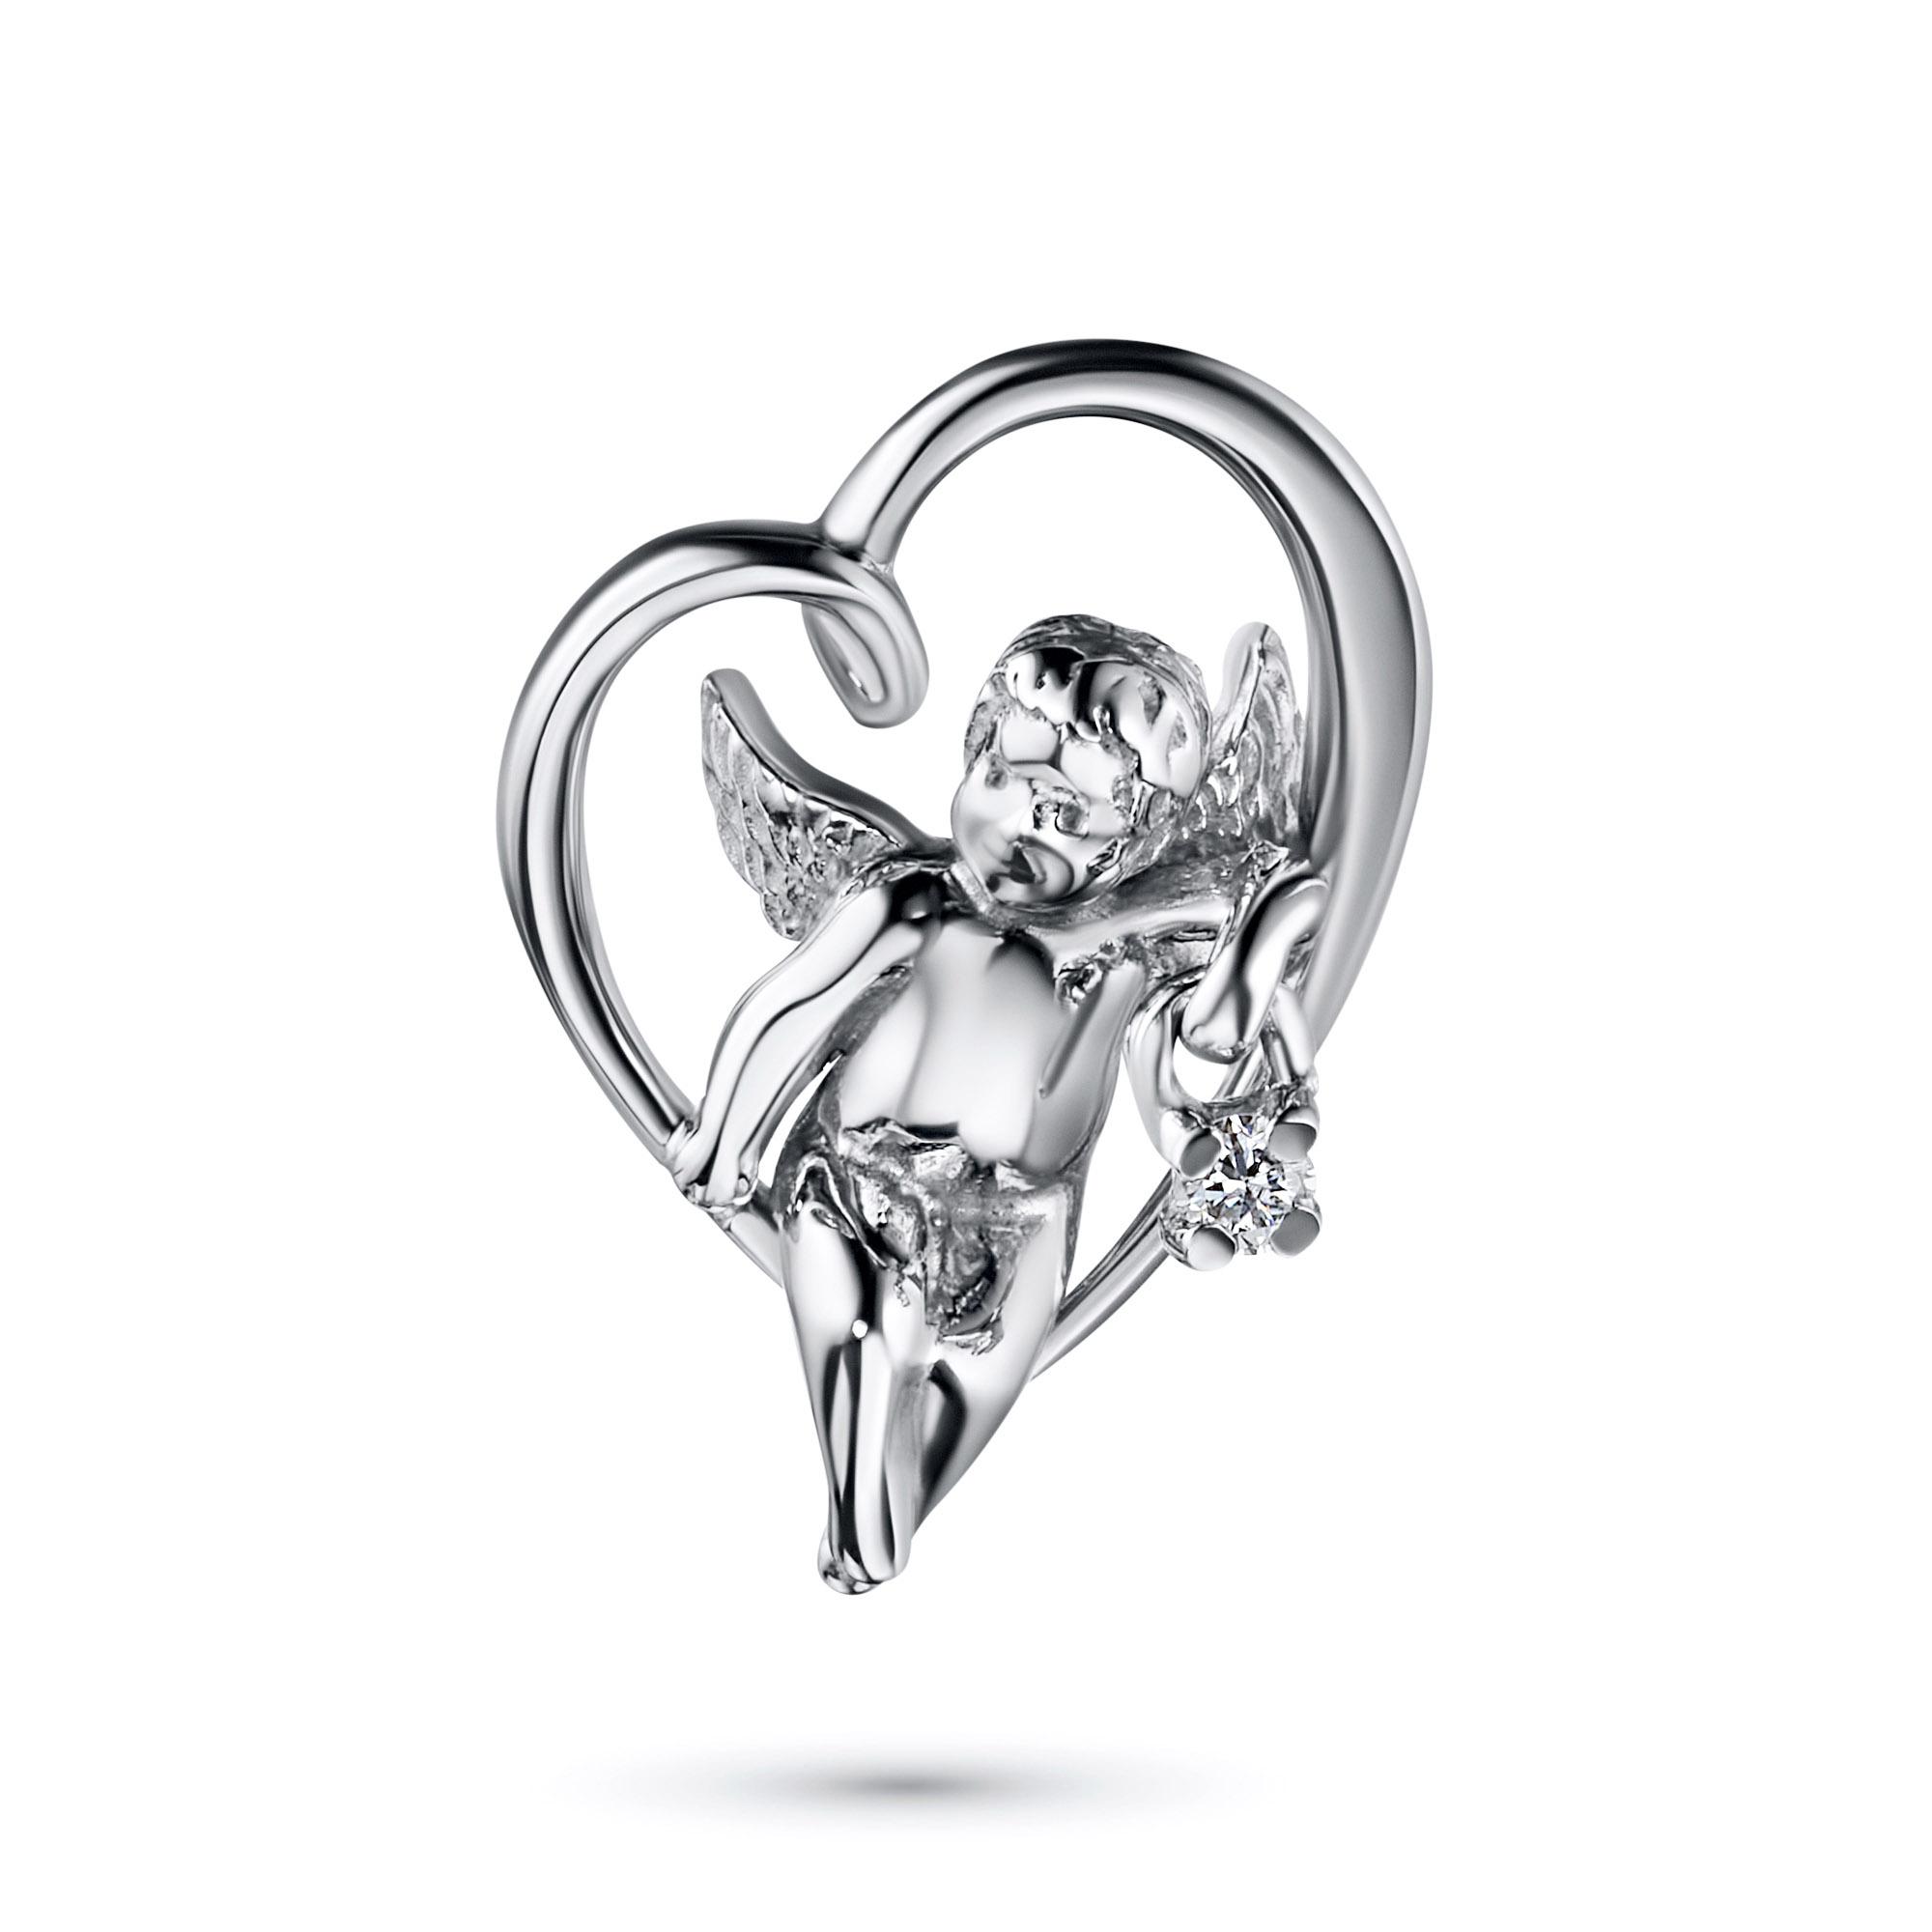 Подвеска из серебра с бриллиантом э0601пд04200838